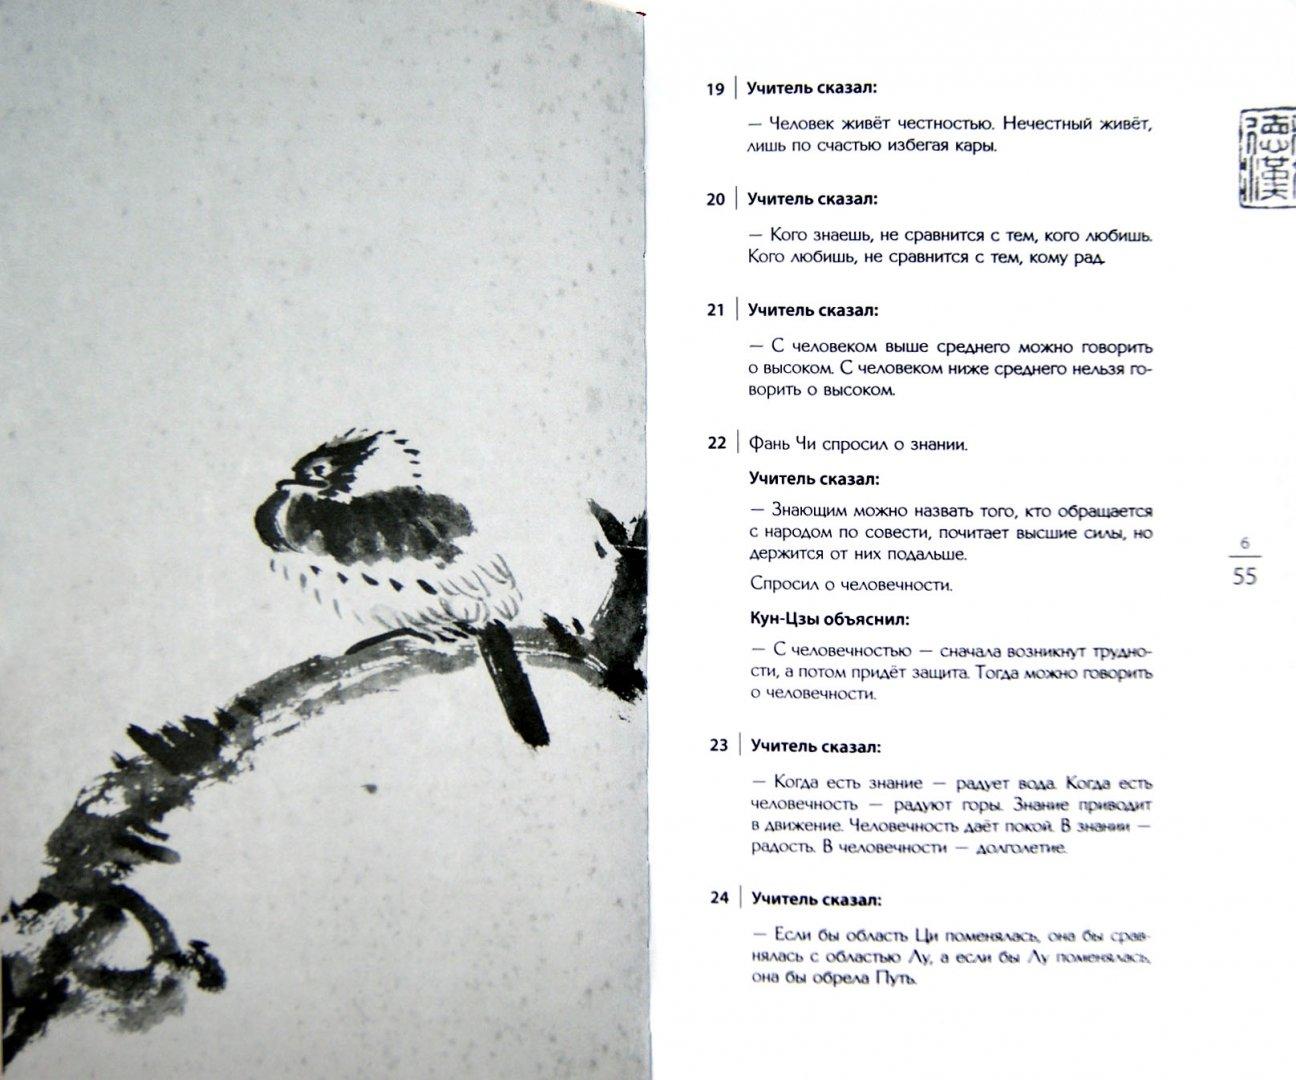 Иллюстрация 1 из 4 для Рассуждения в изречениях - Конфуций | Лабиринт - книги. Источник: Лабиринт